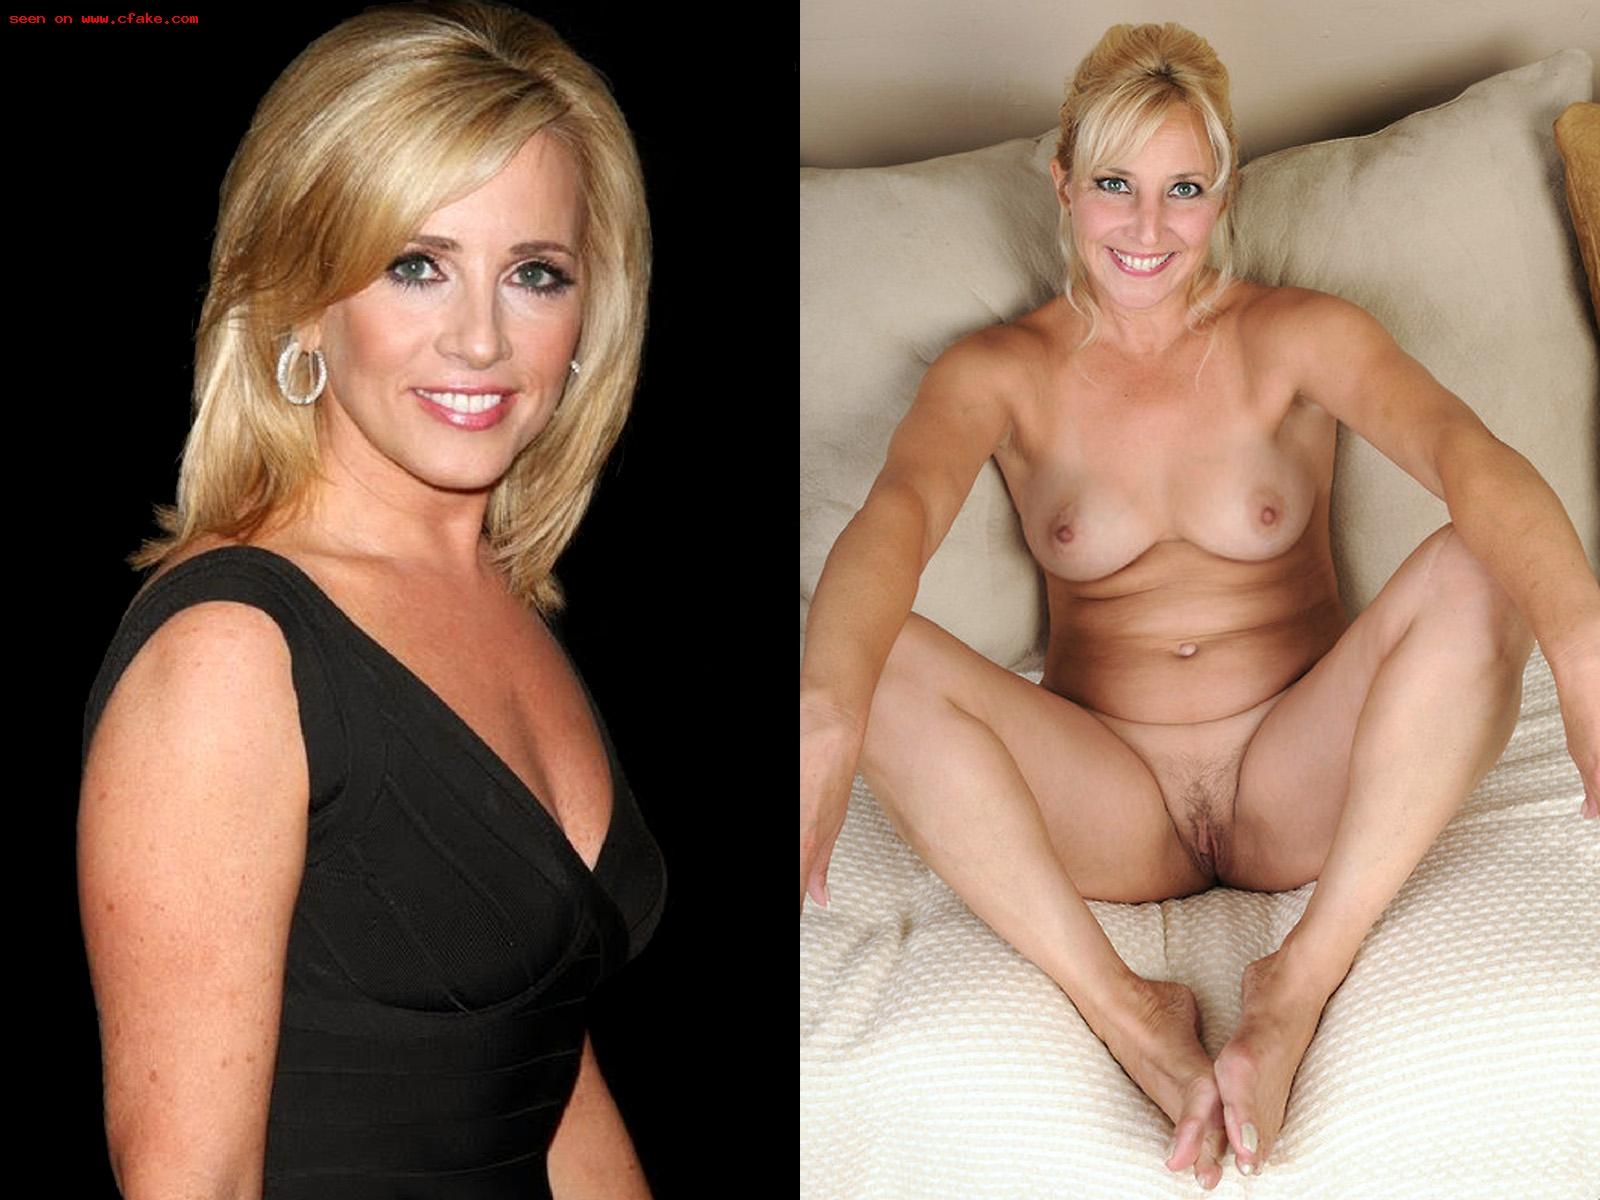 Jamie colby nude photos